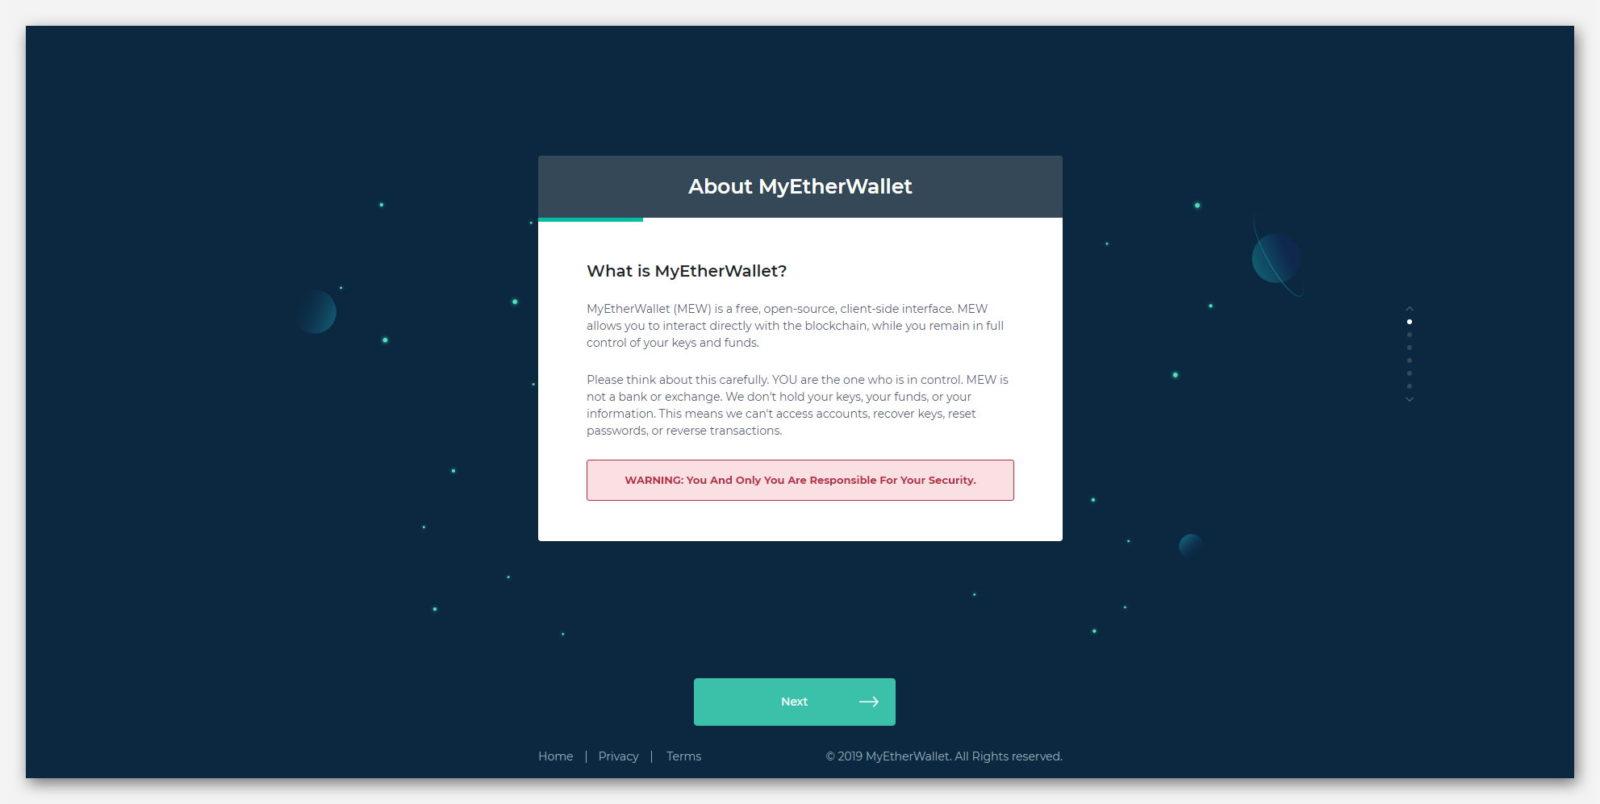 Руководство по безопасности Ethereum кошелька MyEtherWallet